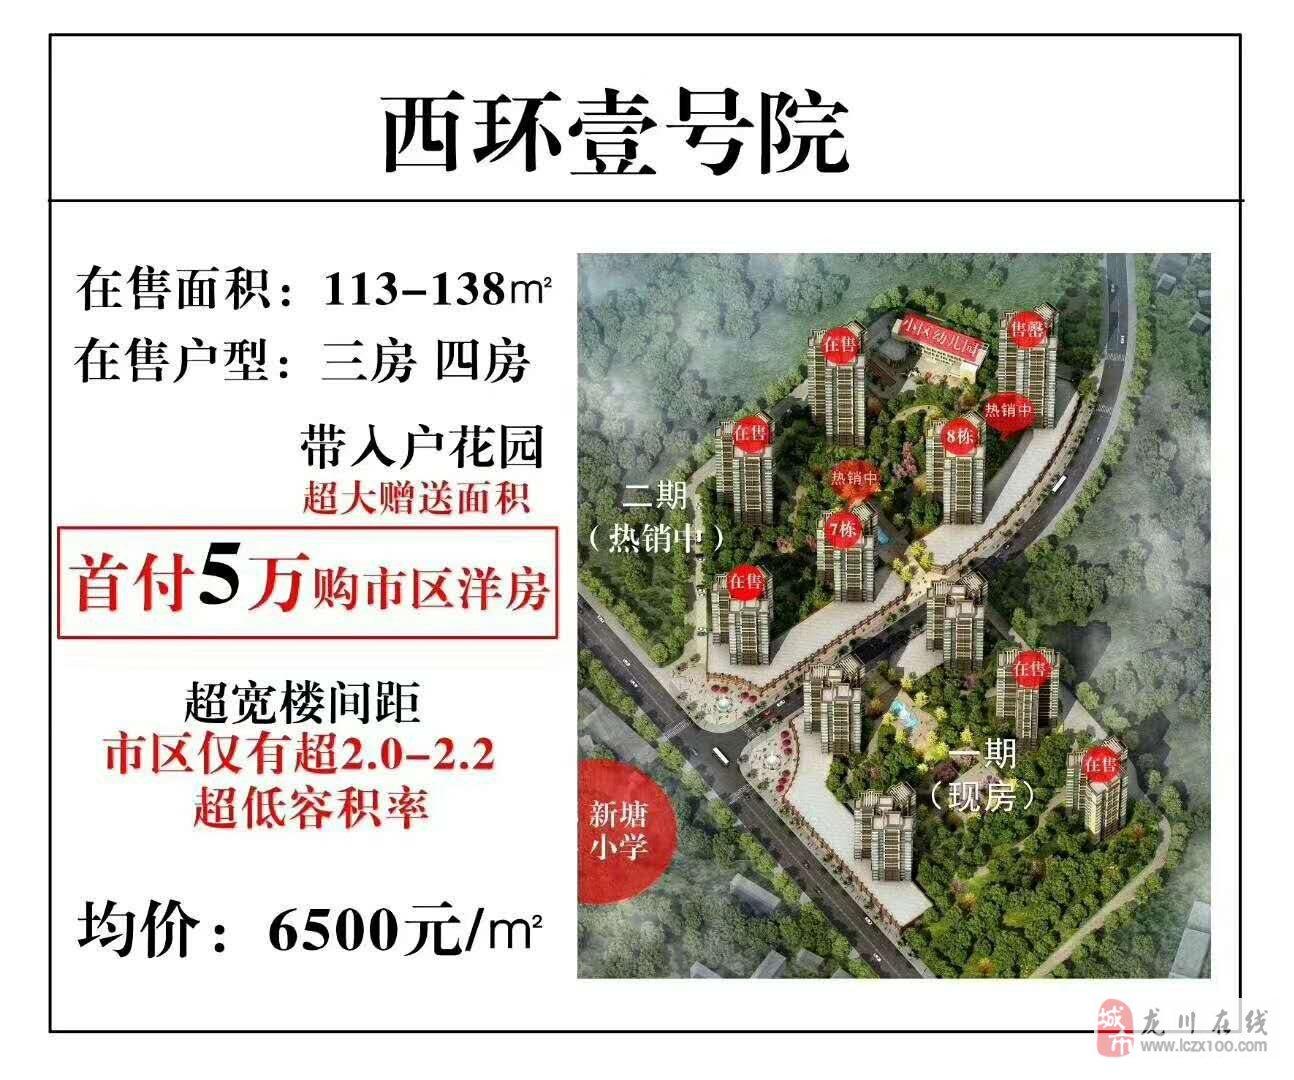 市区新盘【西环·壹号院】买房有补贴,五县户口